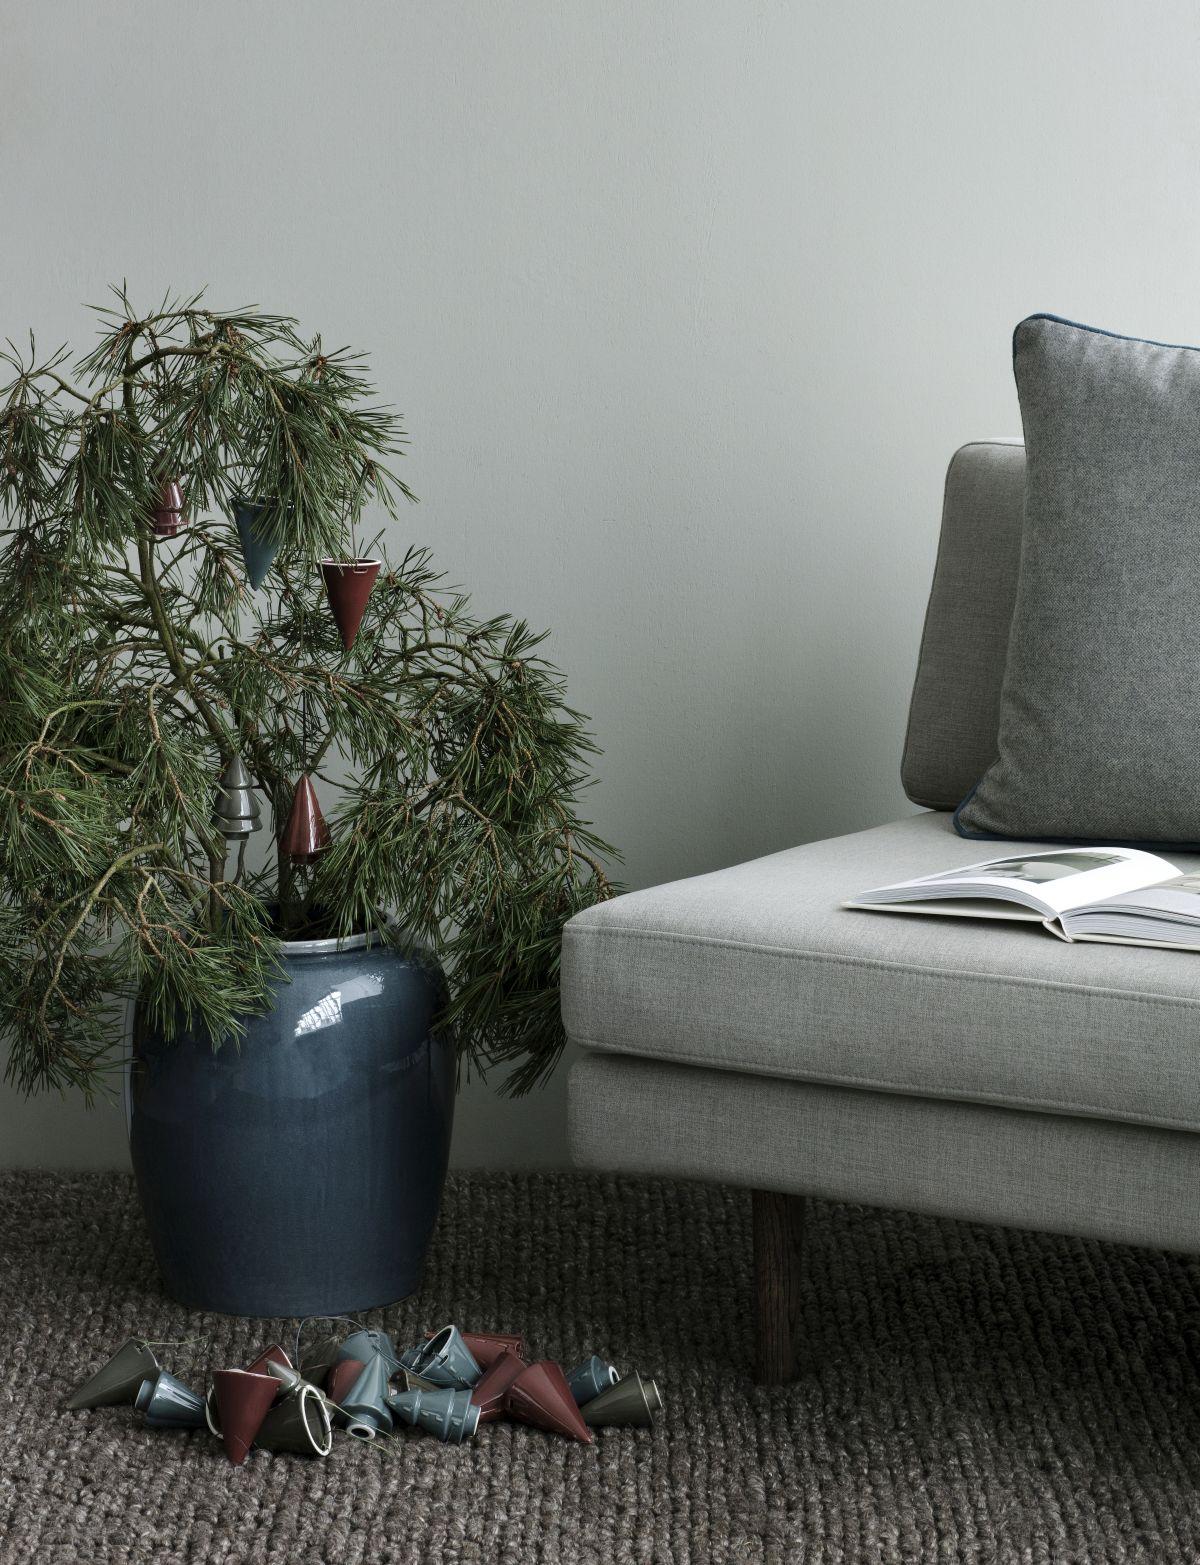 dekoracje na mini drzewku - skromna namiastka choinki do małych wnętrz - Broste Copenhagen jesień zima 2018